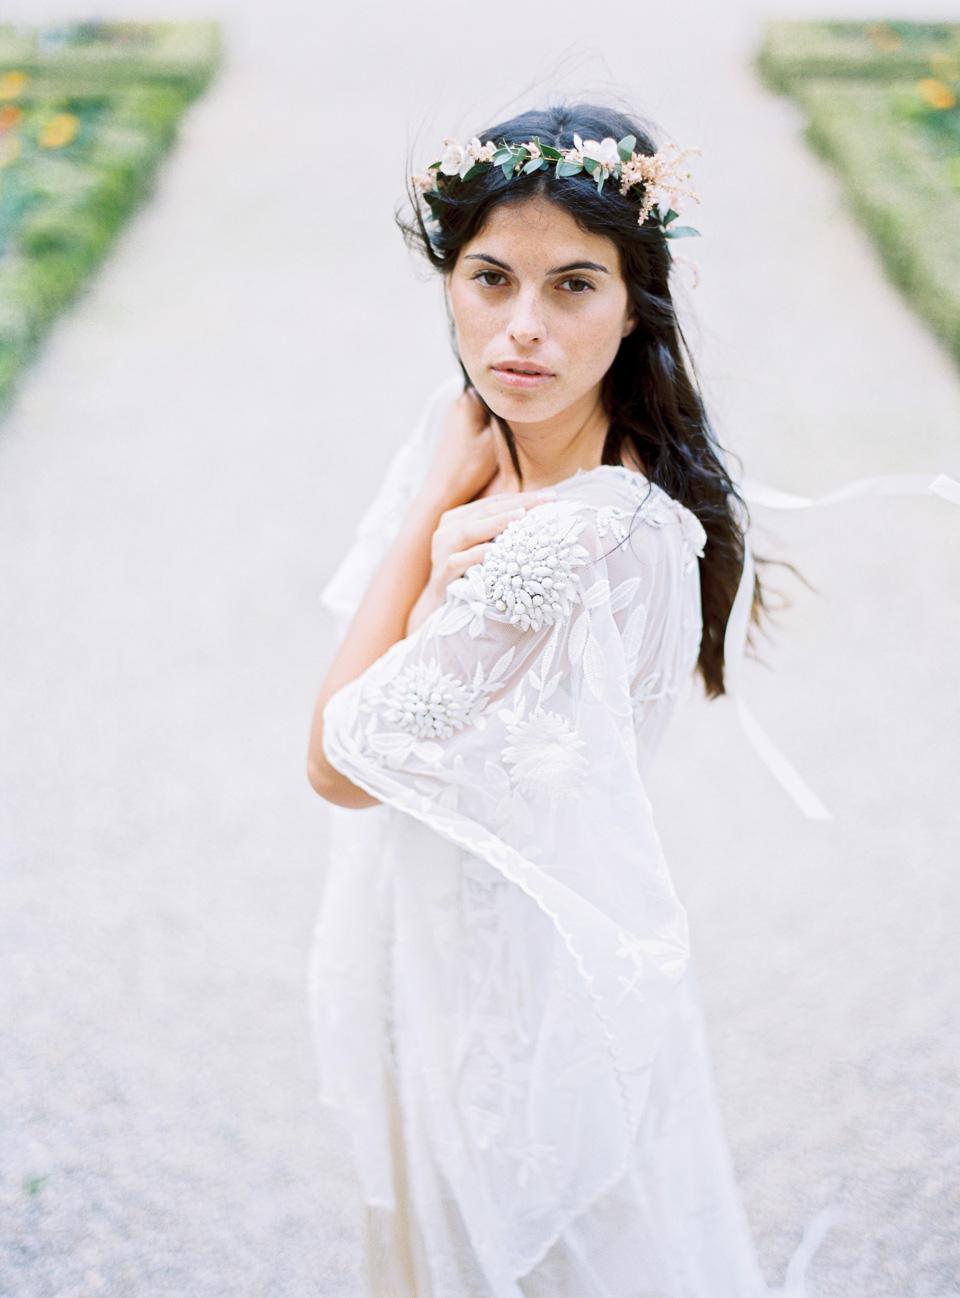 Editorial_RueDeSeine_Wedding_Gowns_JeanLaurentGaudy_FULL006